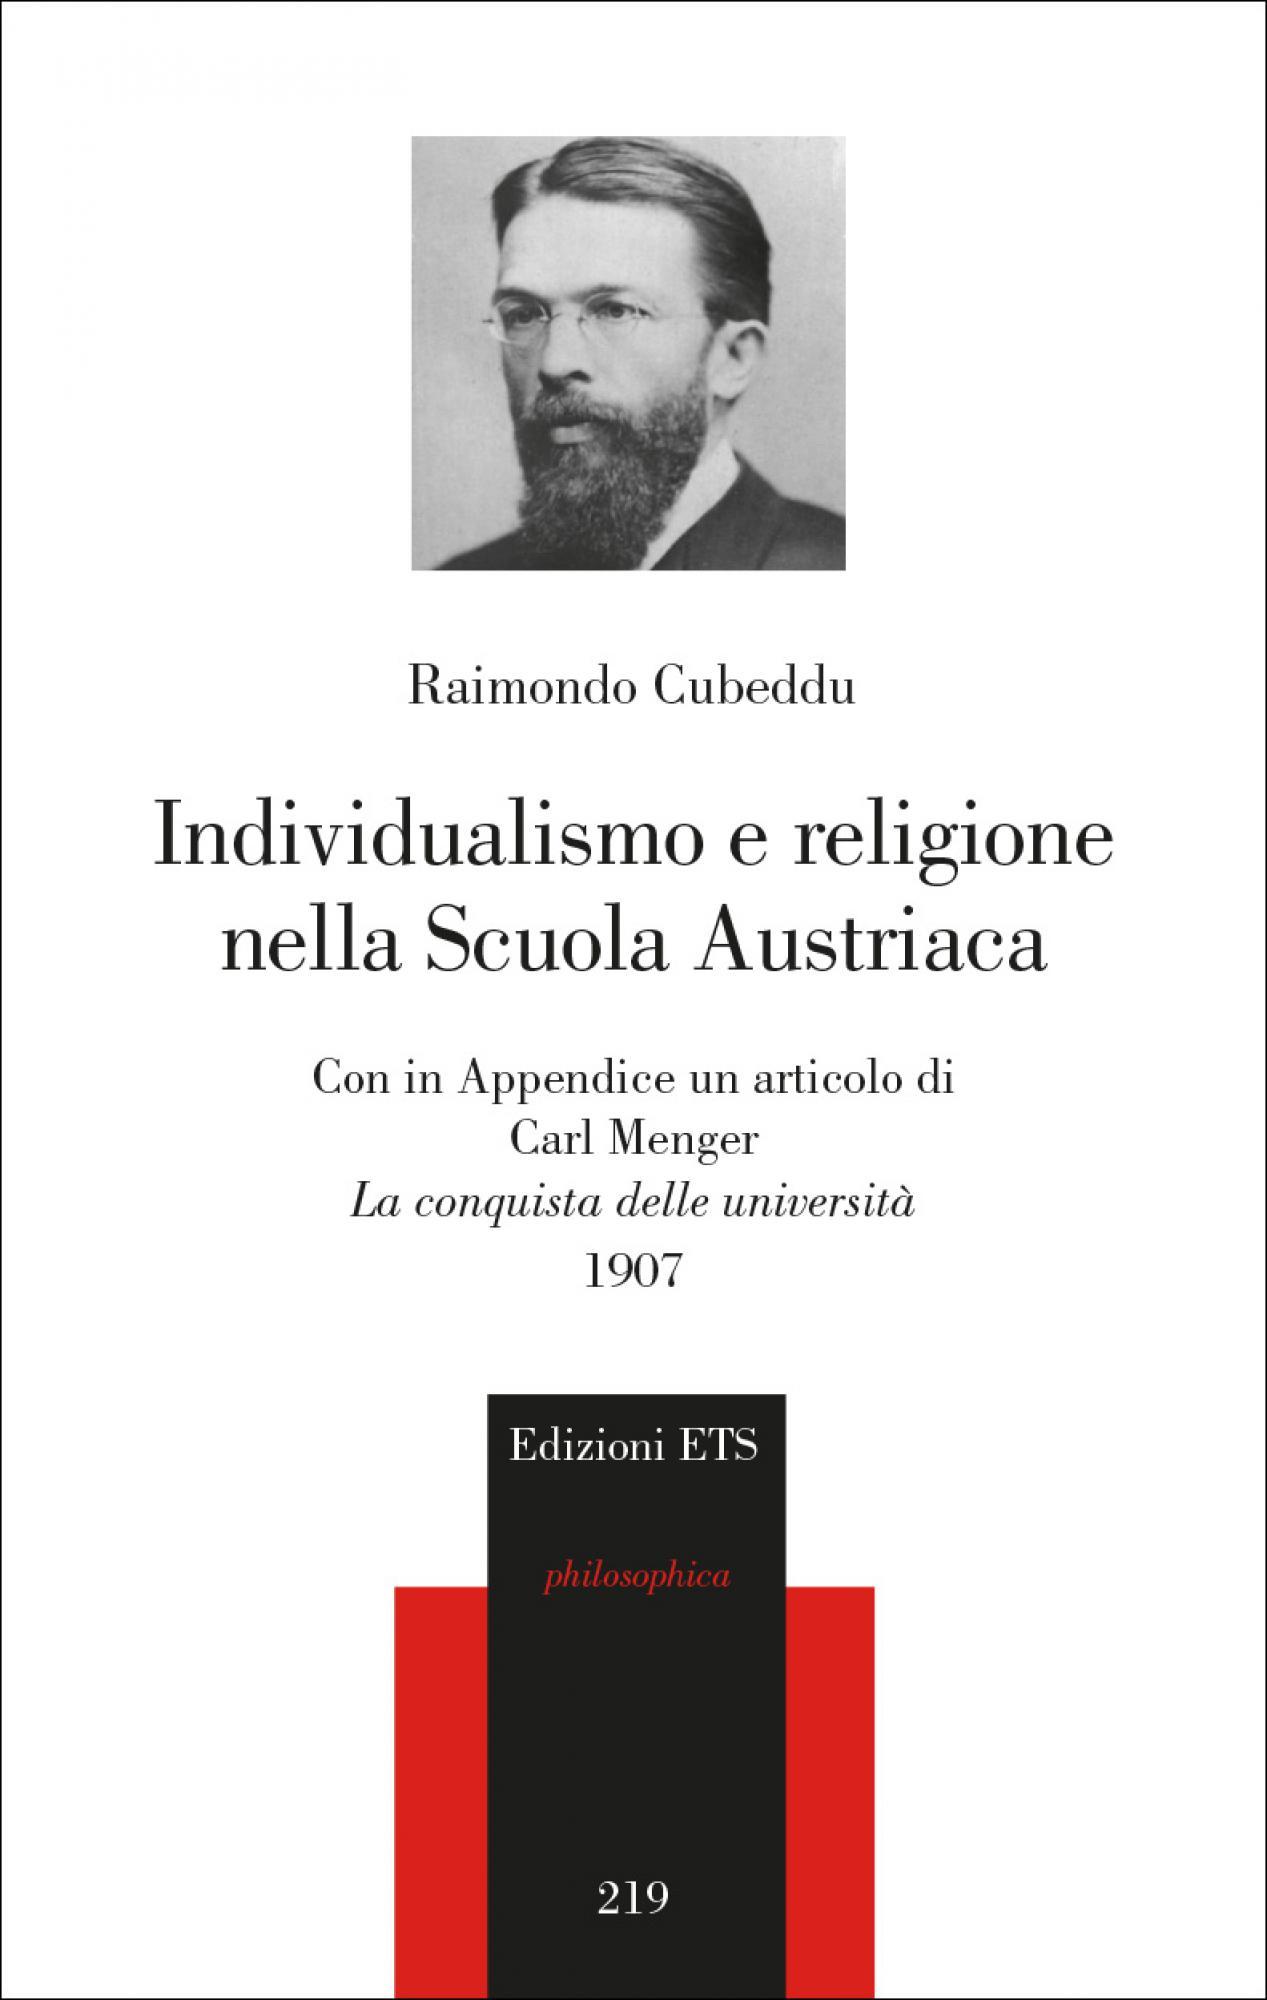 """Individualismo e religione nella Scuola Austriaca.Con in Appendice un articolo di Carl Menger, """"La conquista delle università"""", 1907"""